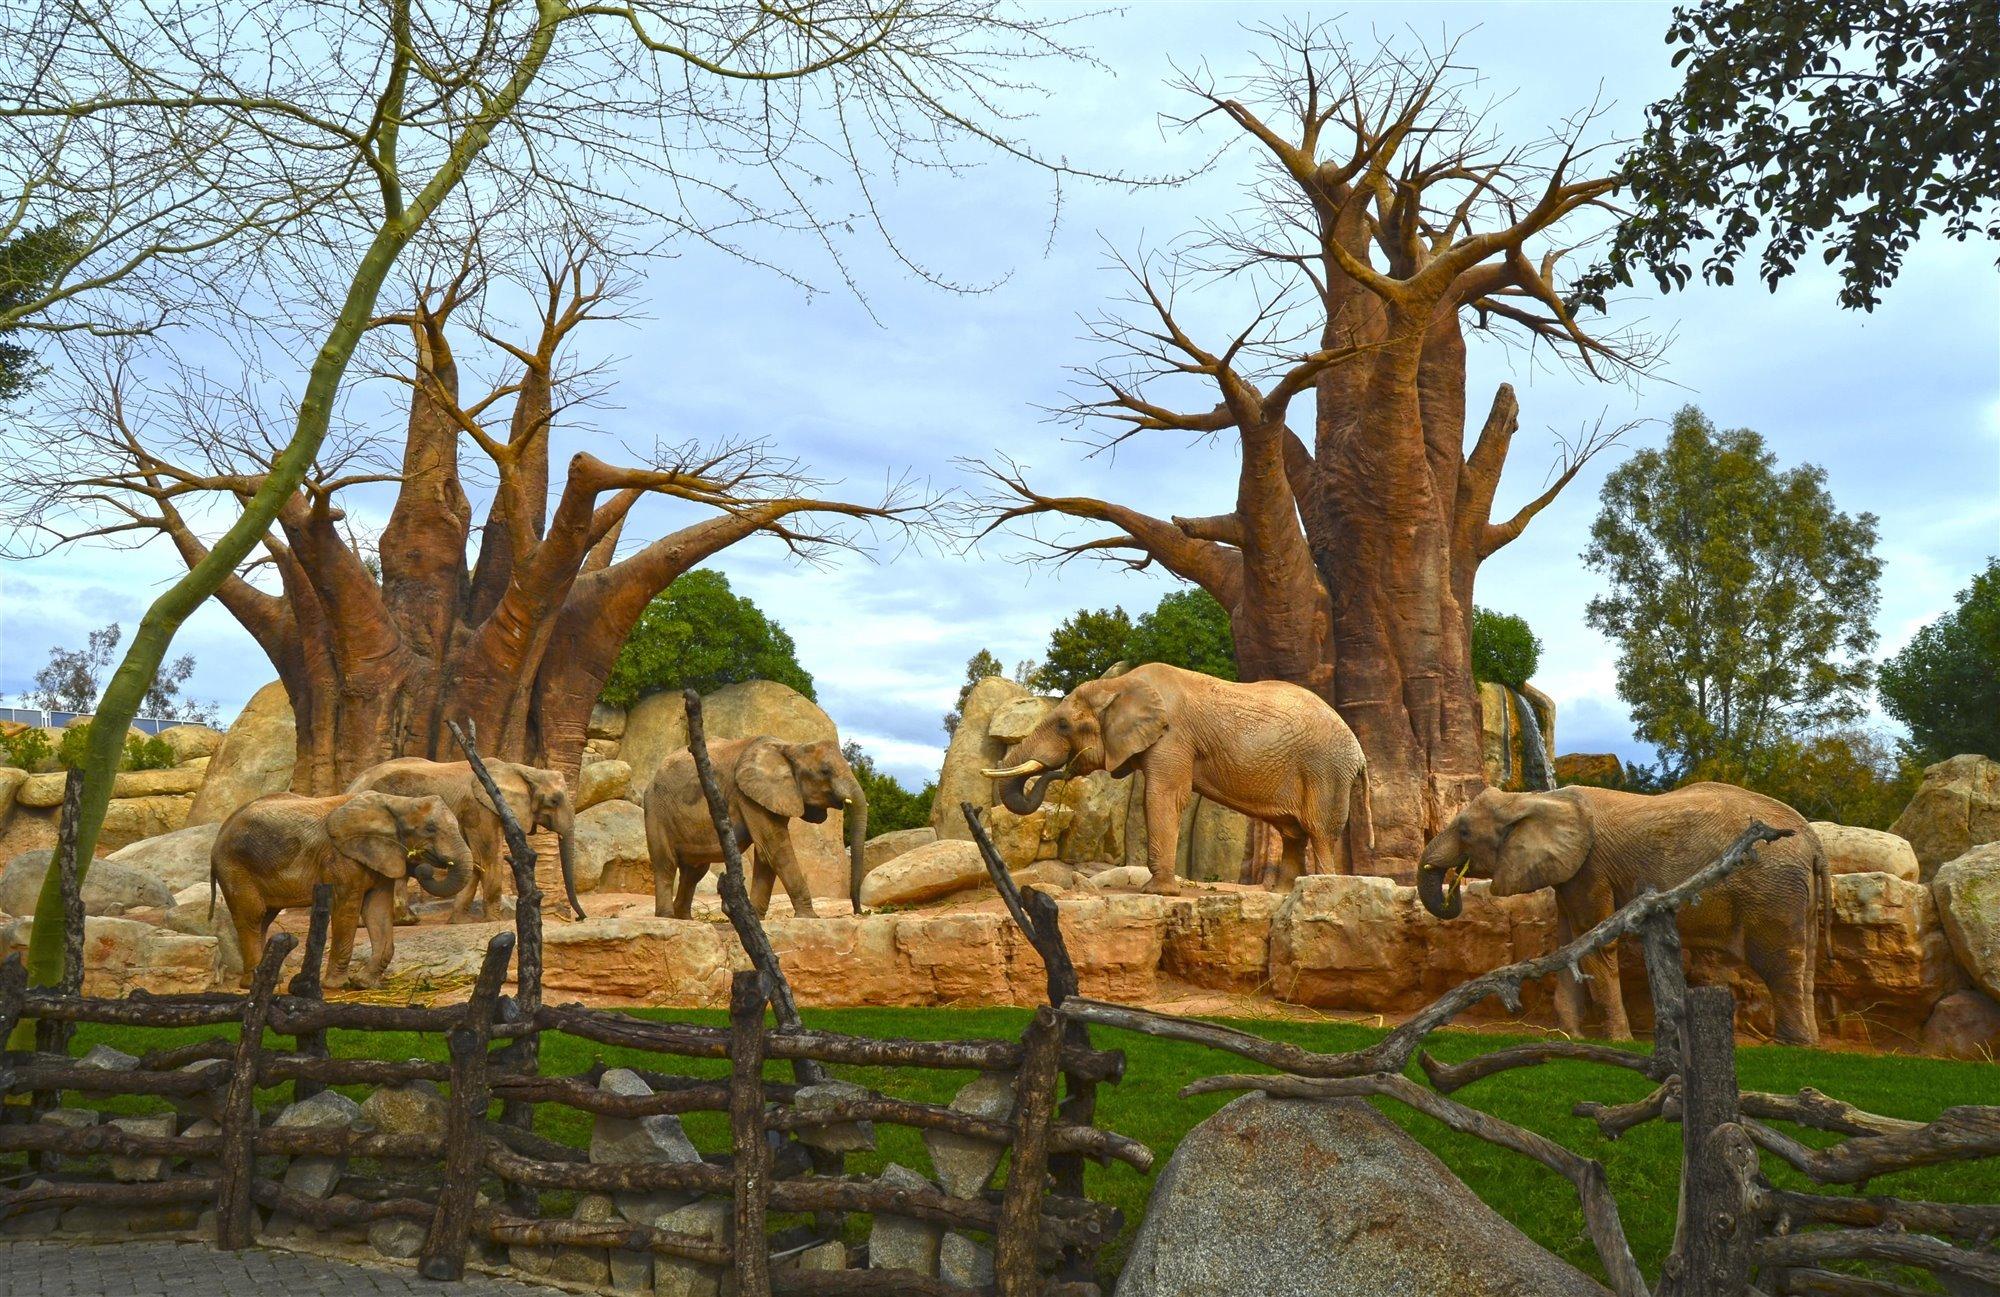 Manada de elefantes en el bosque de baobabs